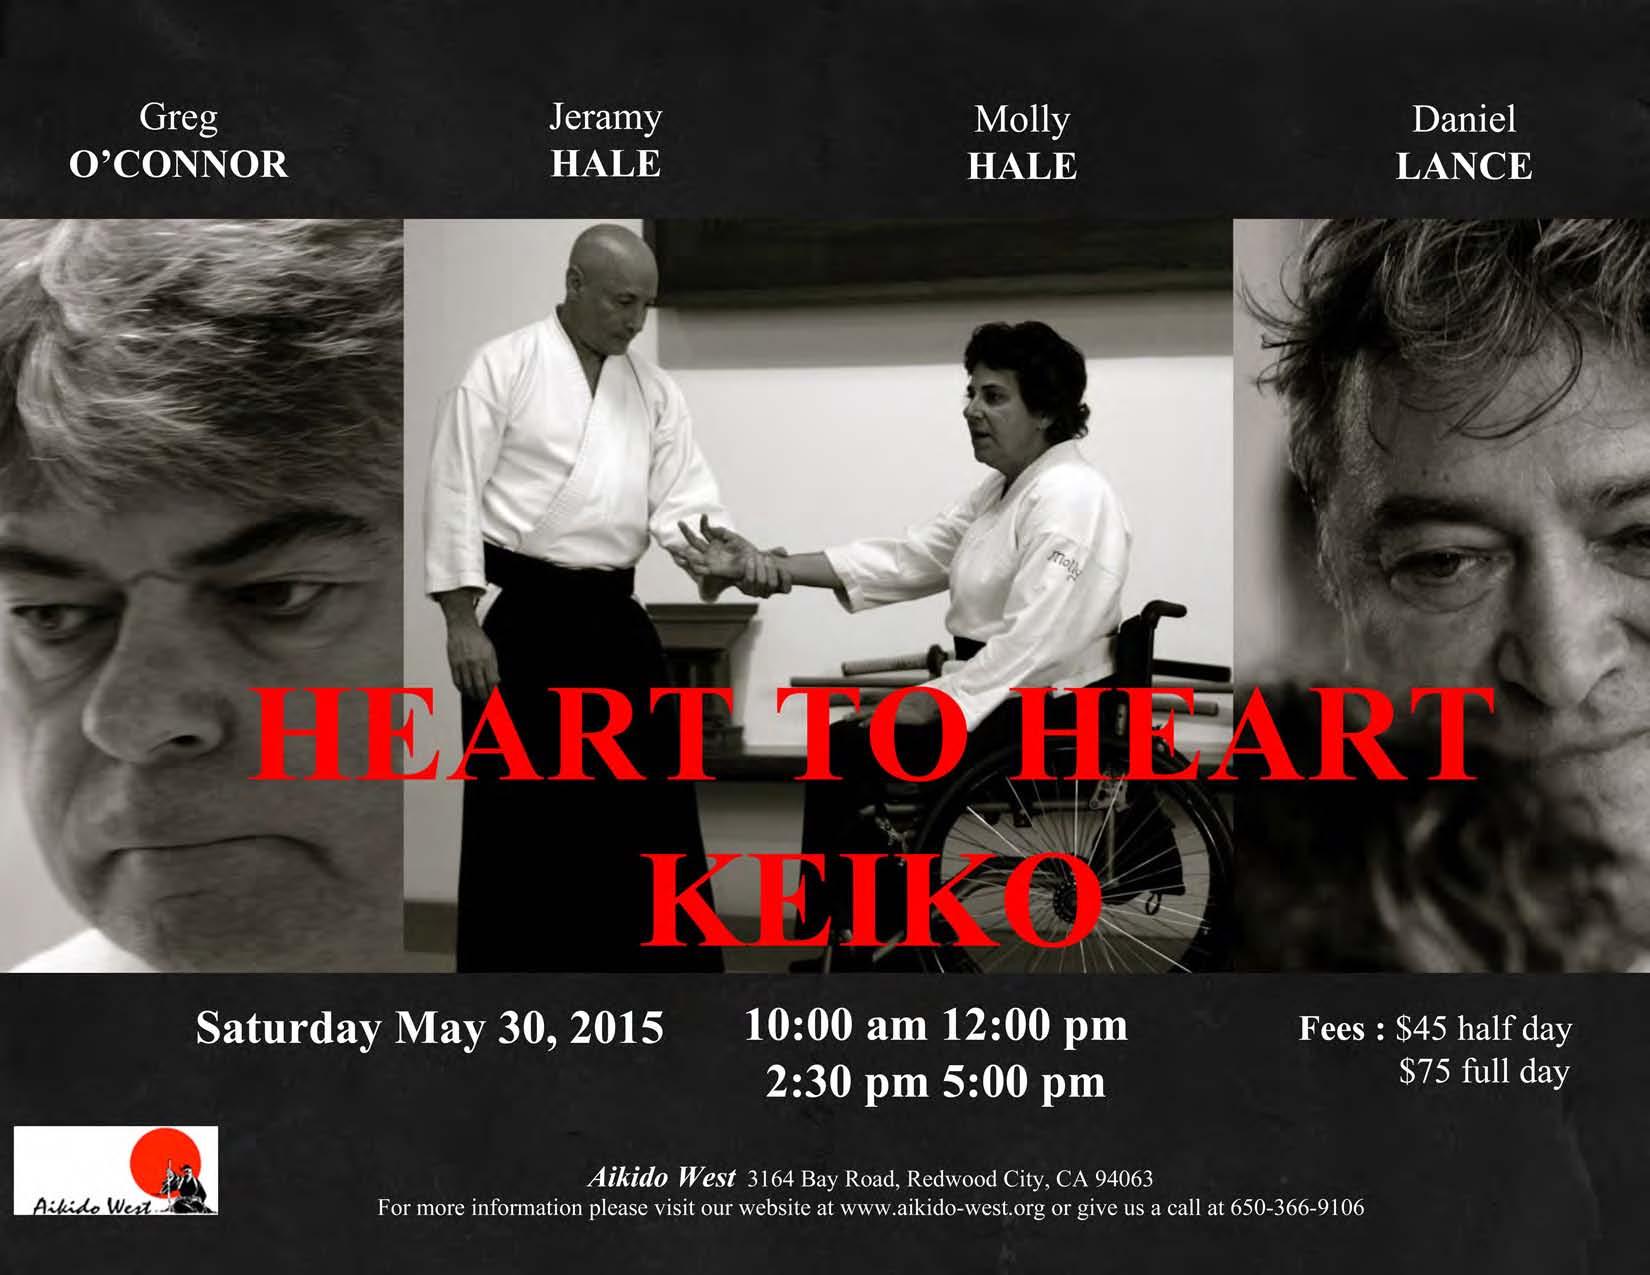 2015 Heart to Heart Keiko Aikido West